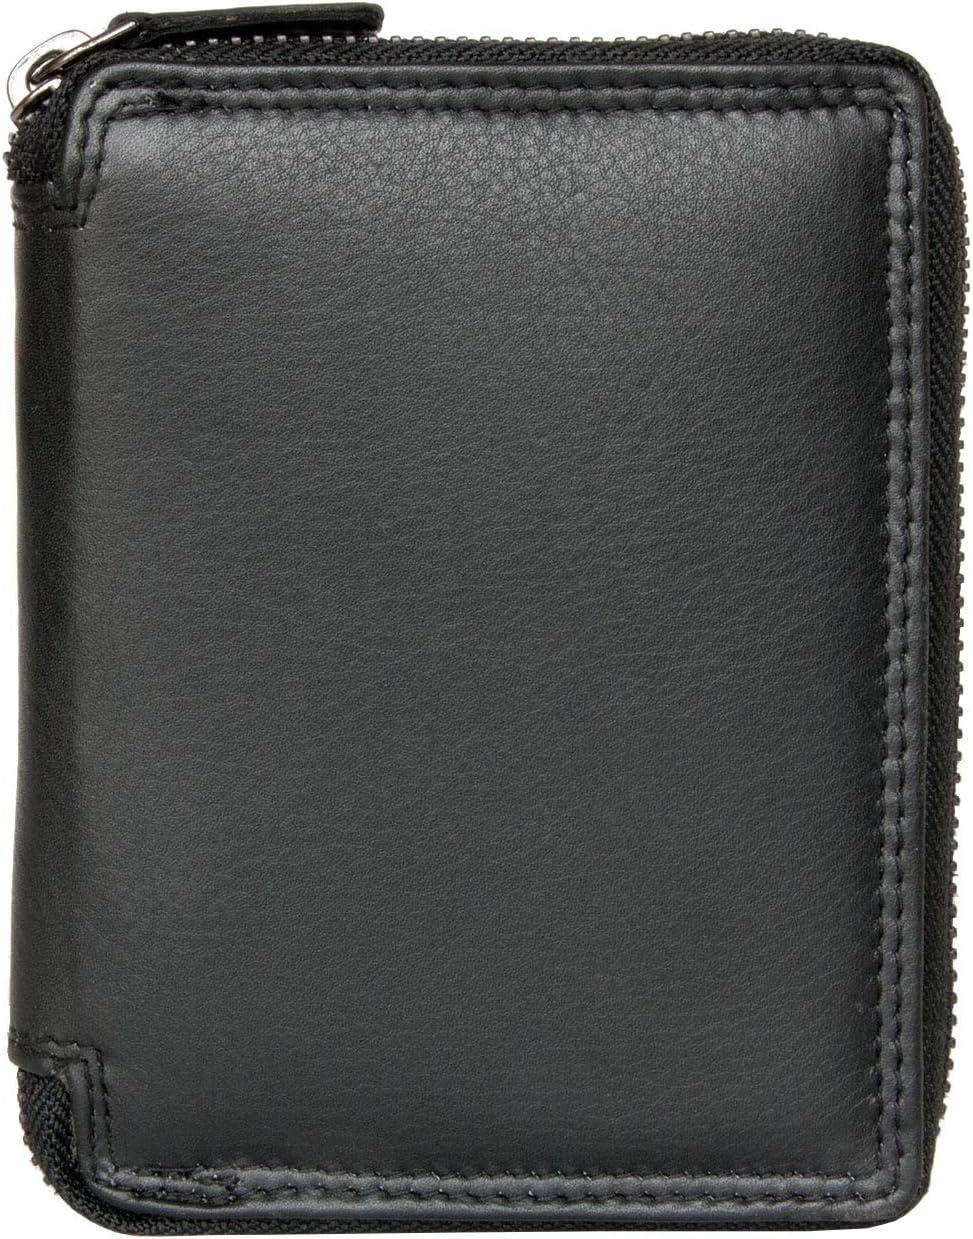 Men's Metal Black Zipper-around (Zip-around) Leather Wallet Kabana